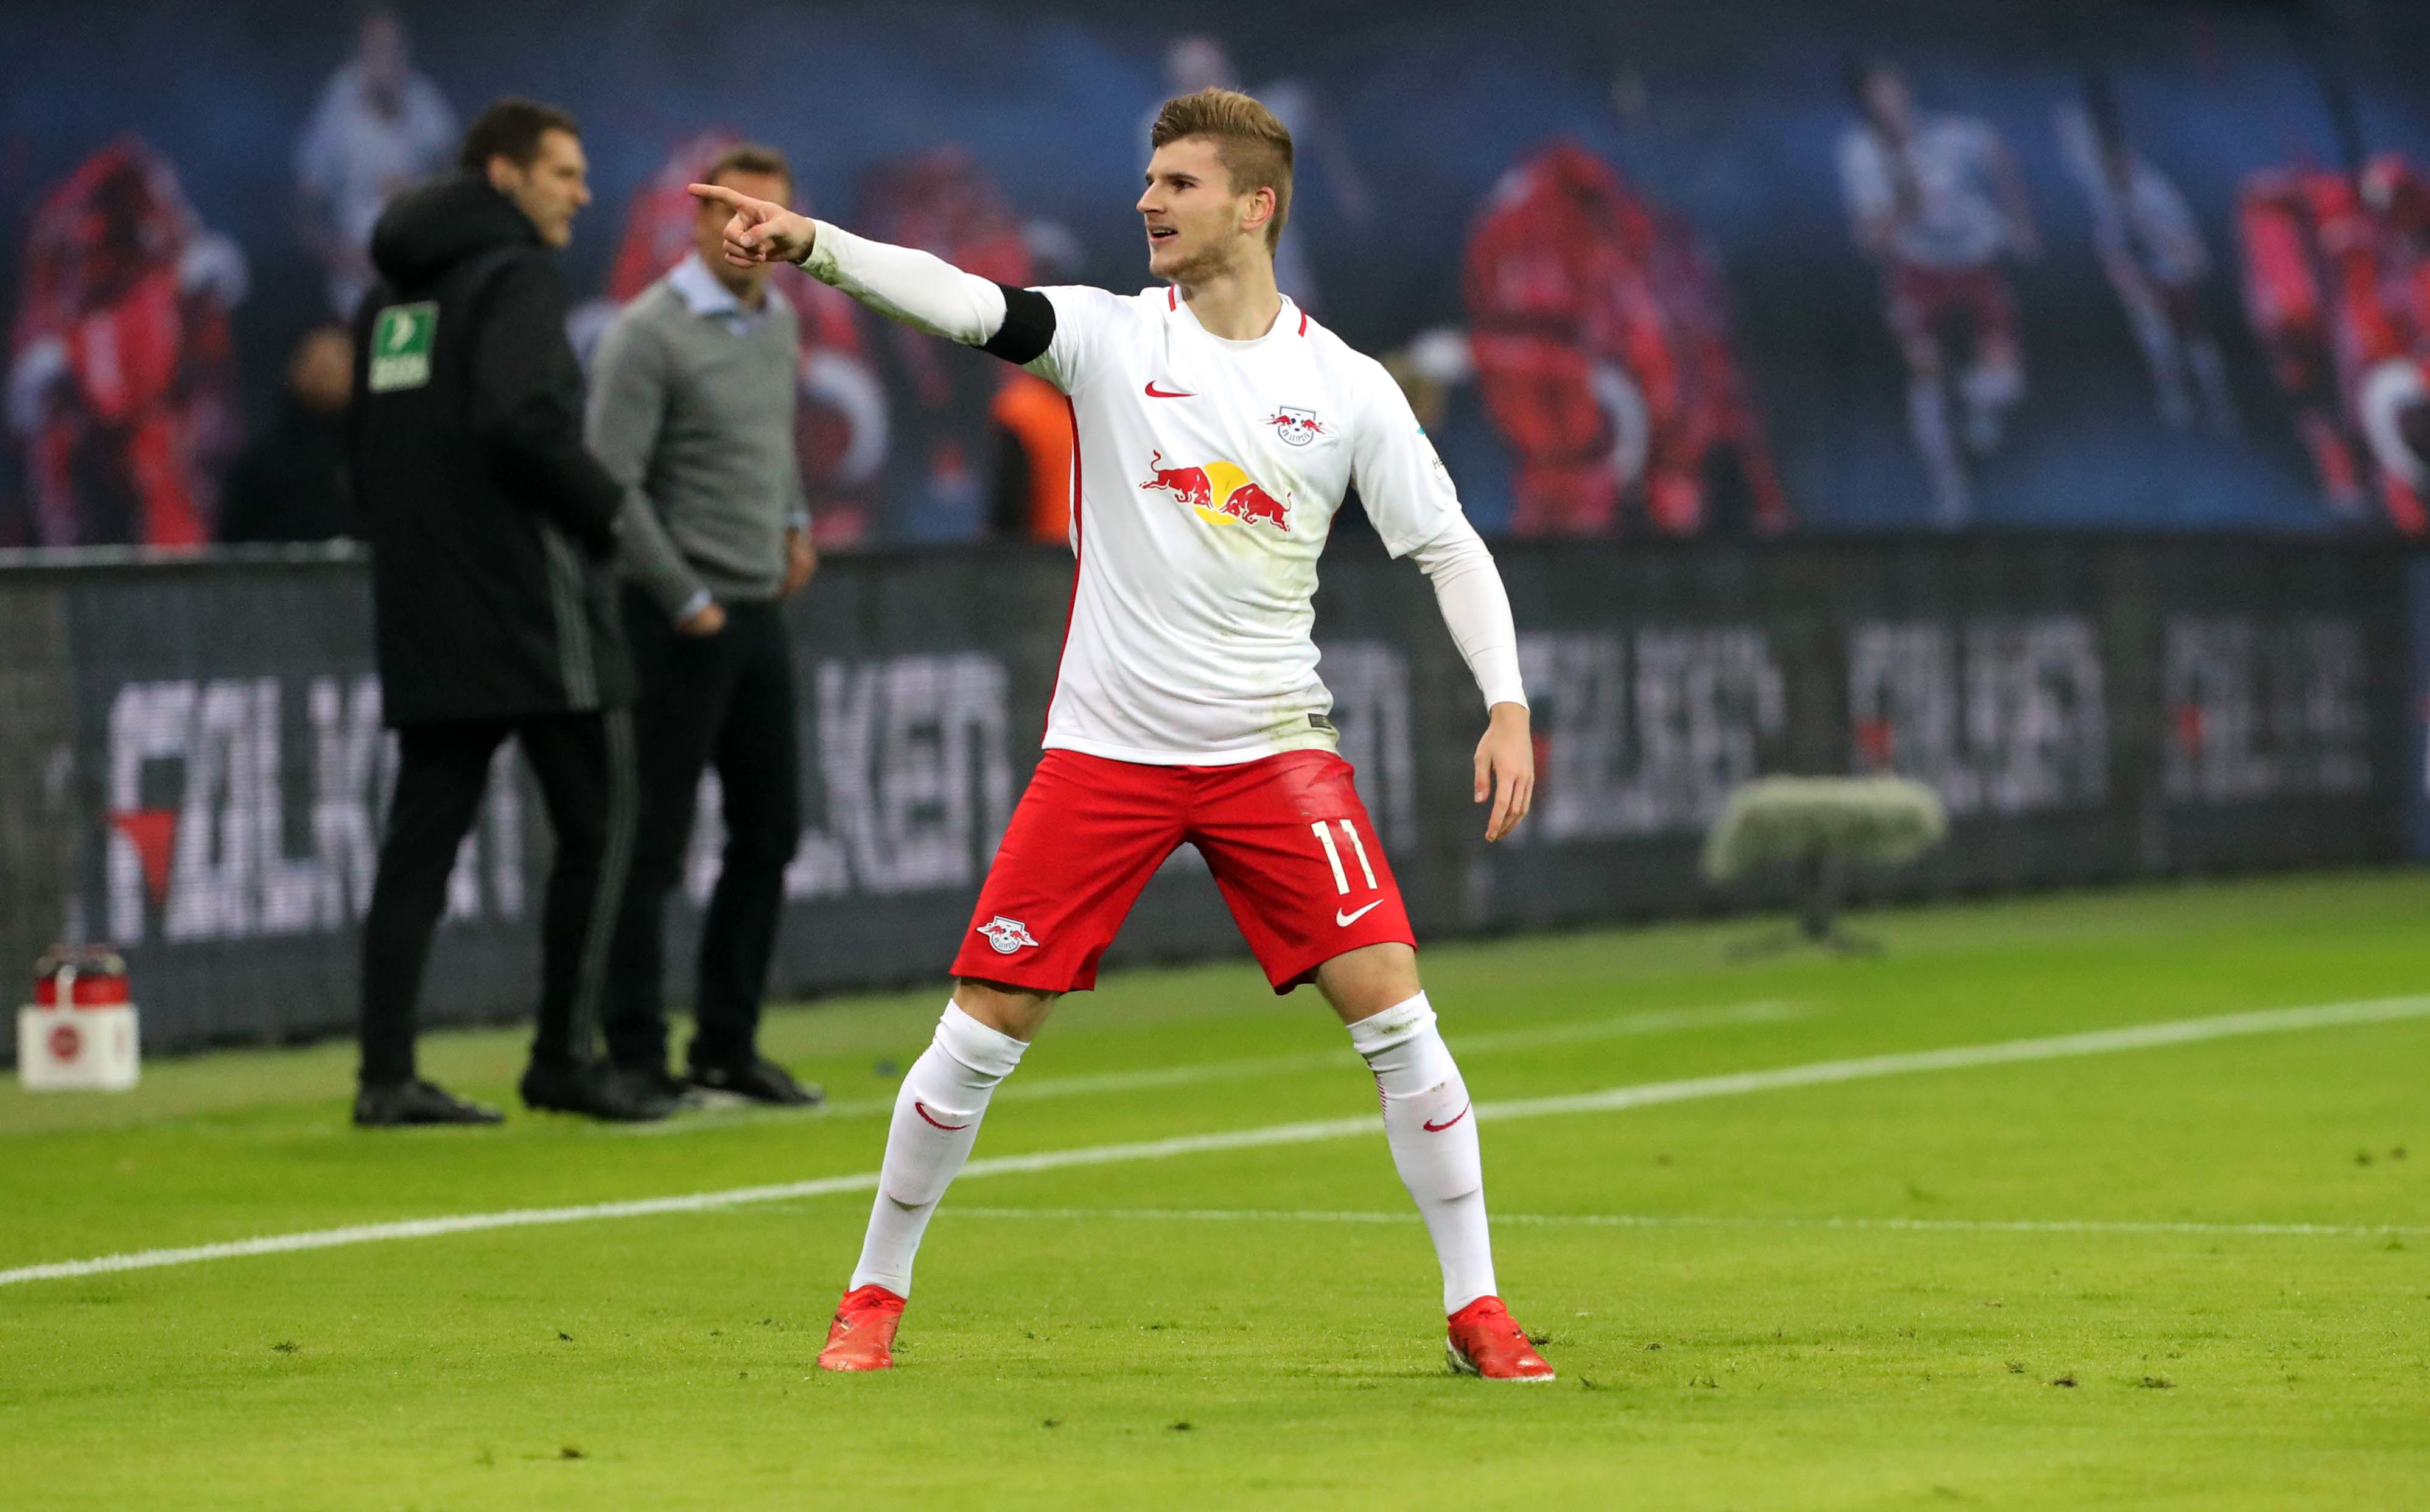 Timo Werner lieferte in vielerlei Hinsicht die wichtigsten Geschichten zum Spiel von RB Leipzig gegen Schalke 04. | GEPA Pictures - Sven Sonntag.